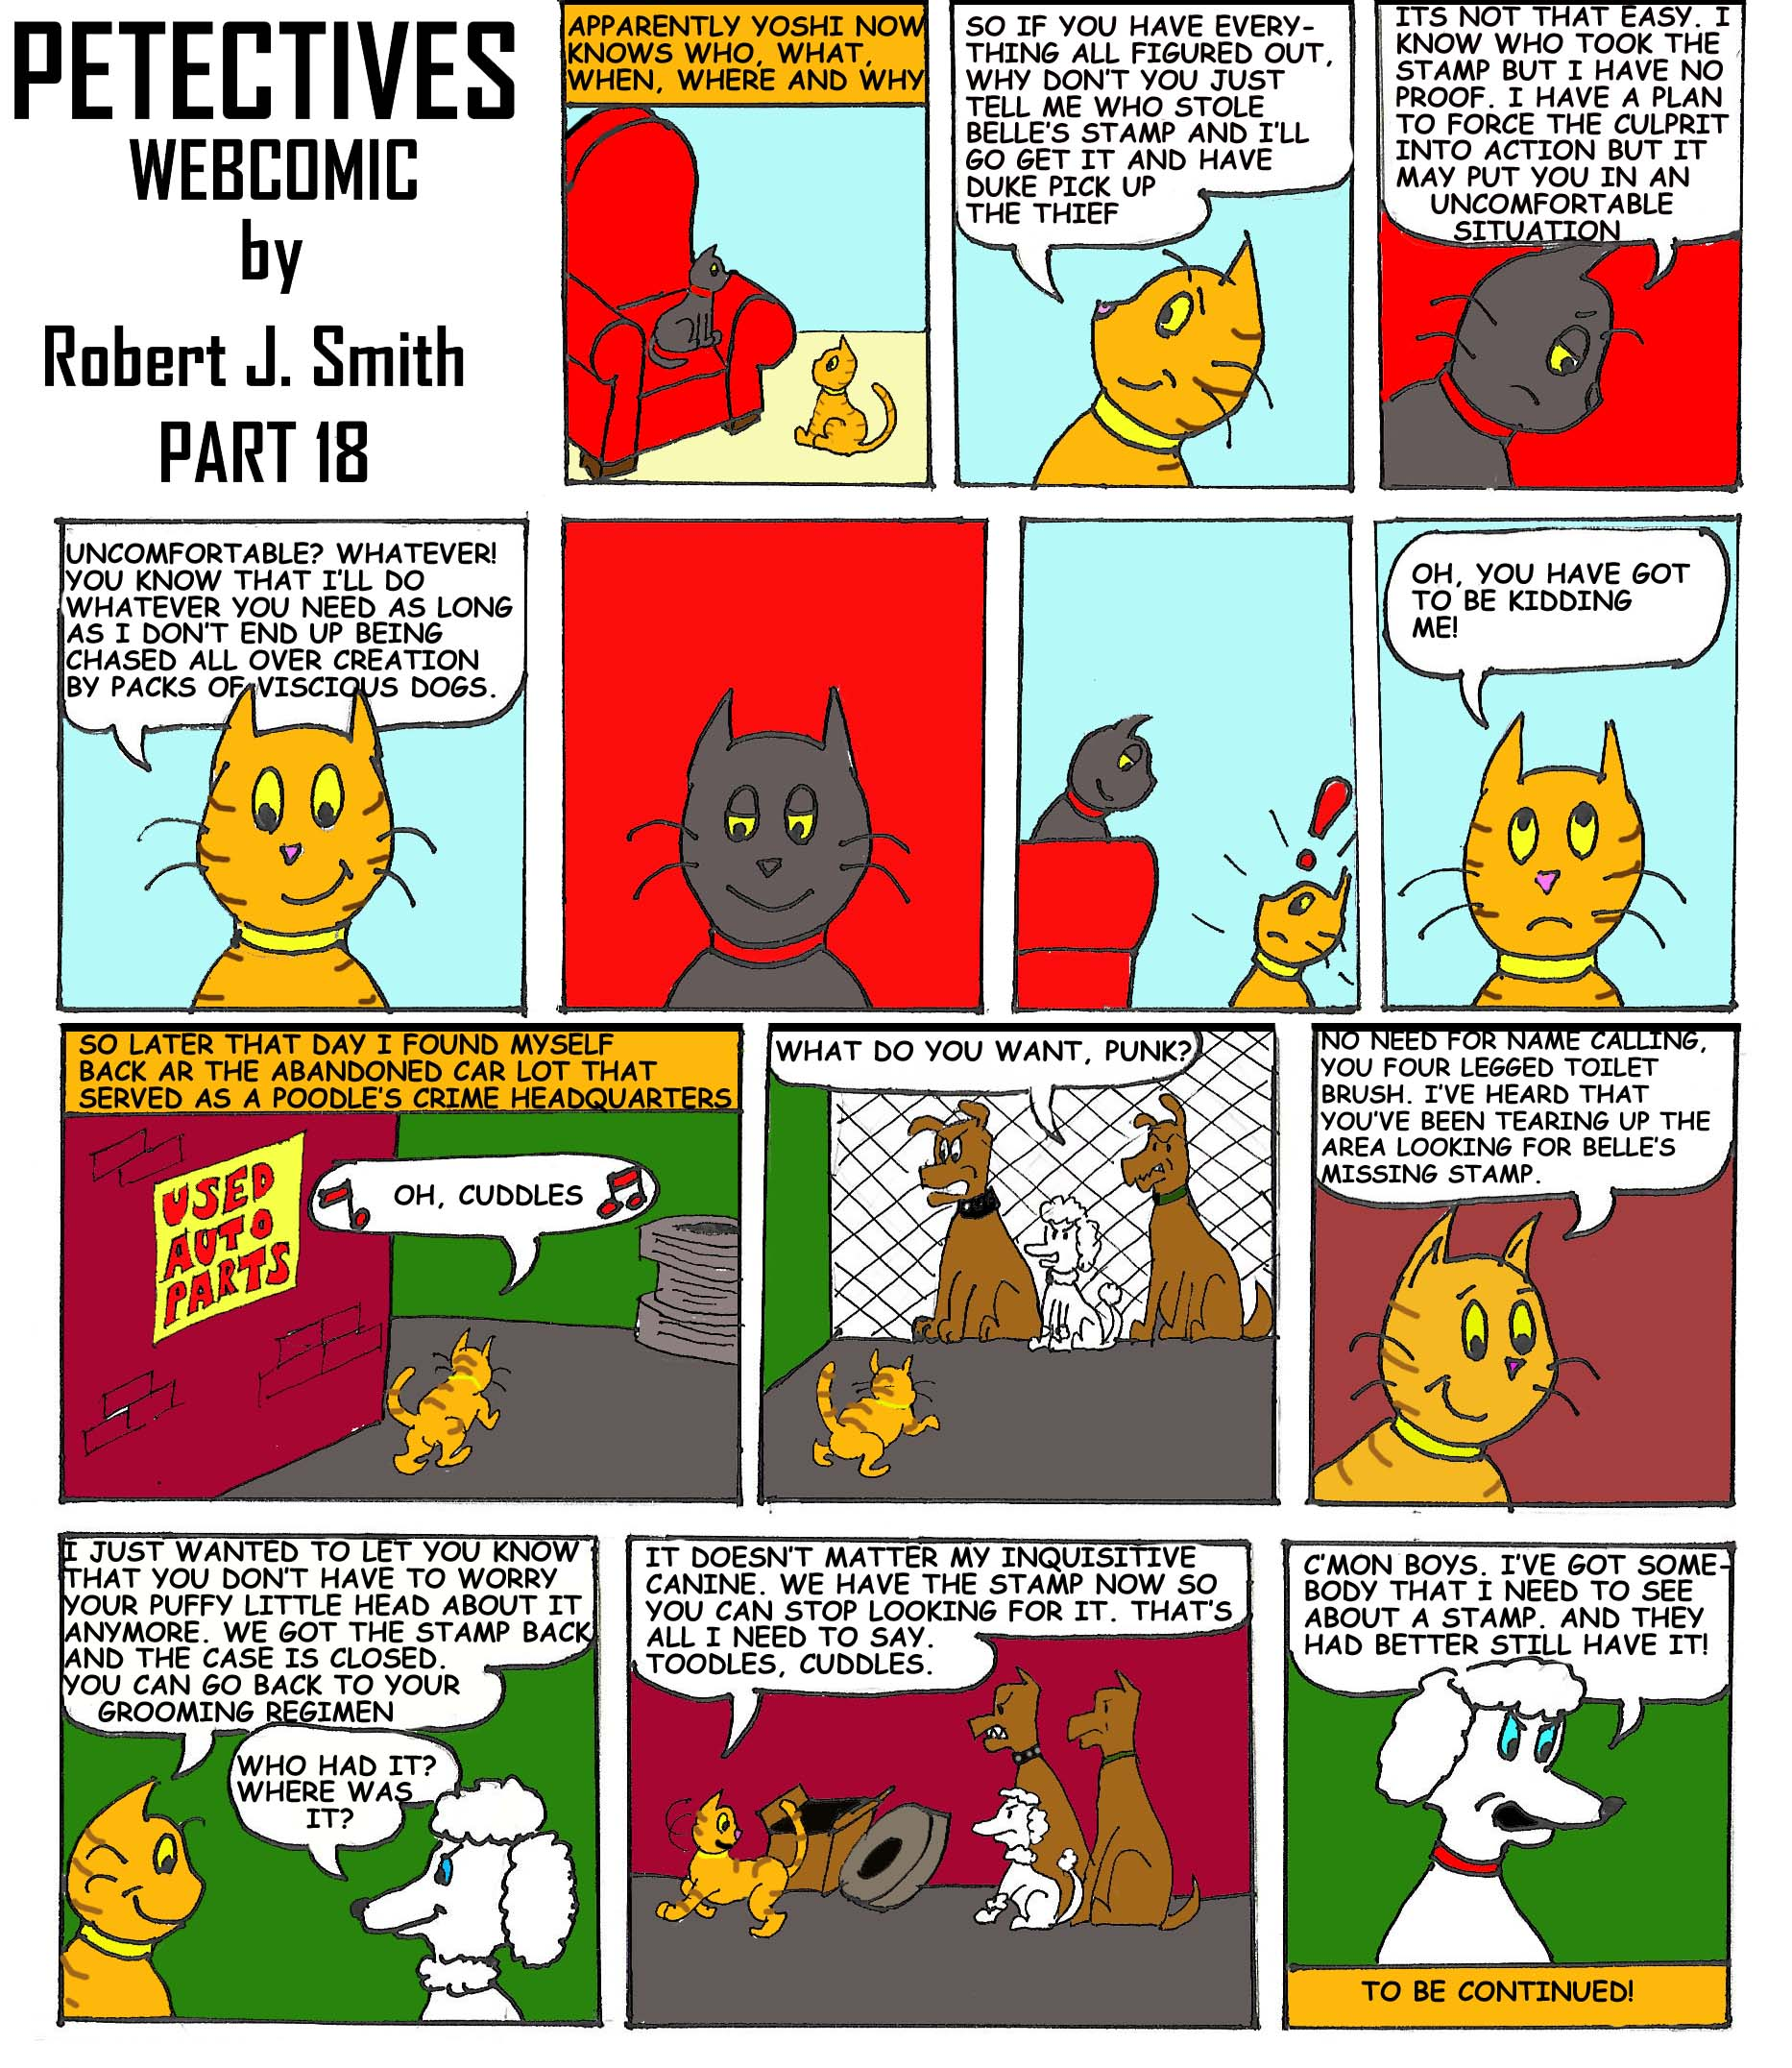 petectives-webcomic-part-18